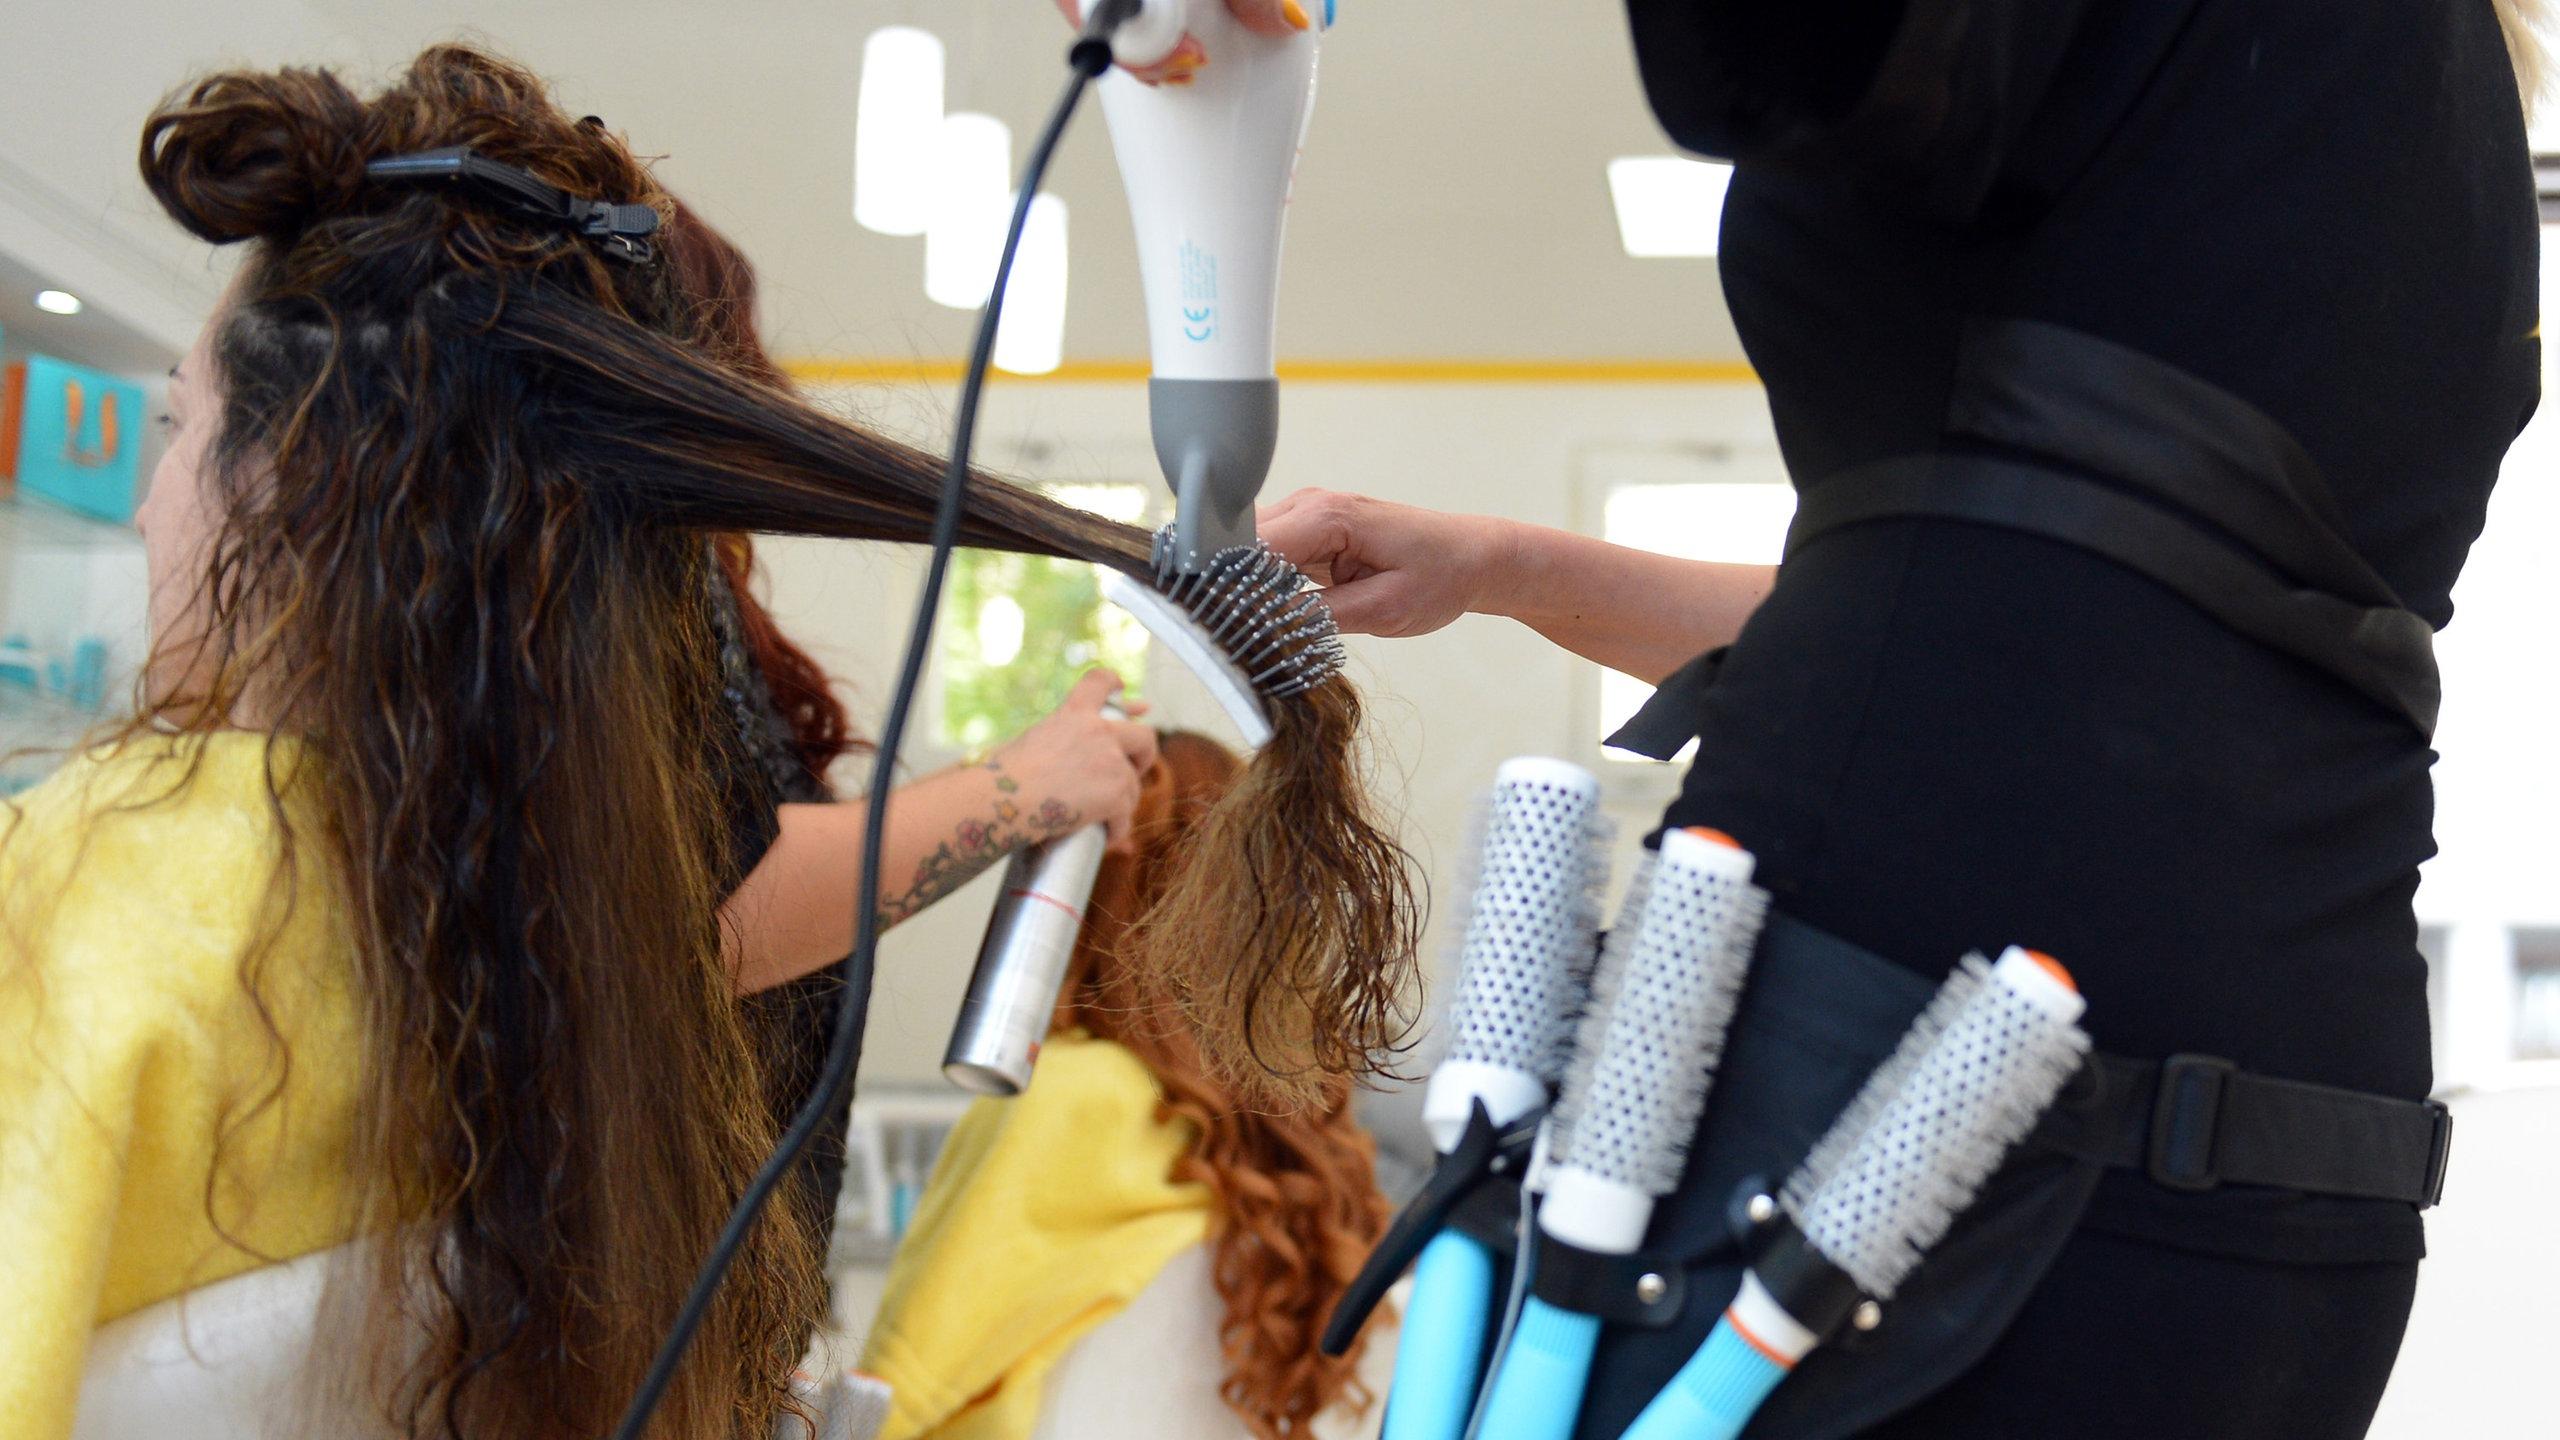 Anatomie des Menschen: Haare - Haare - Natur - Planet Wissen